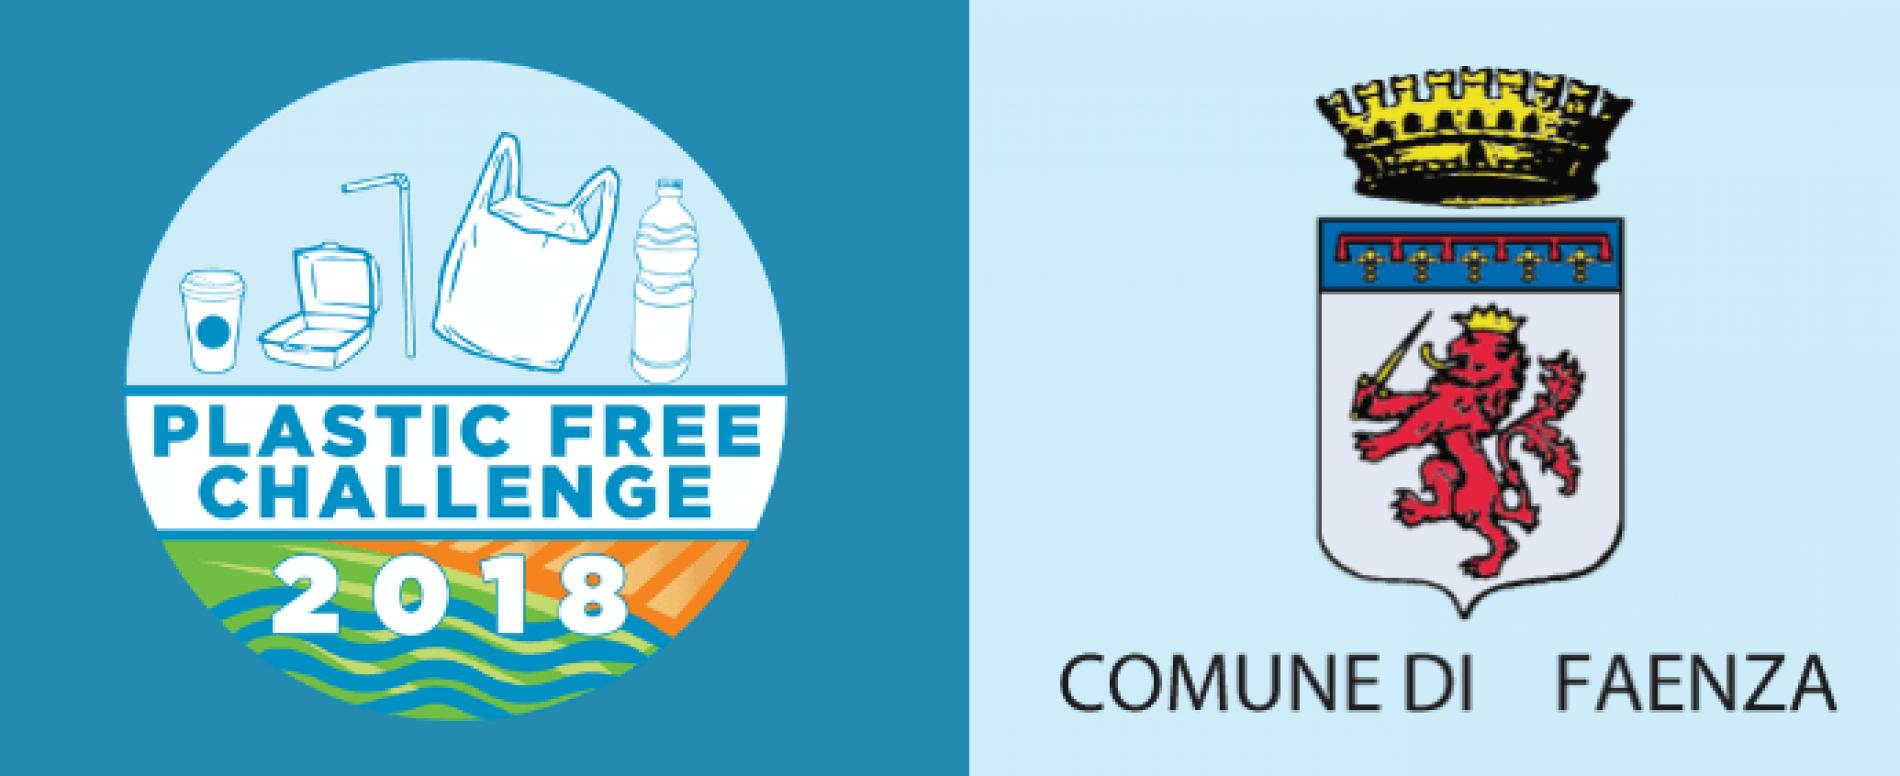 Anche il Comune di Faenza decide di aderire alla Plastic Free Challenge